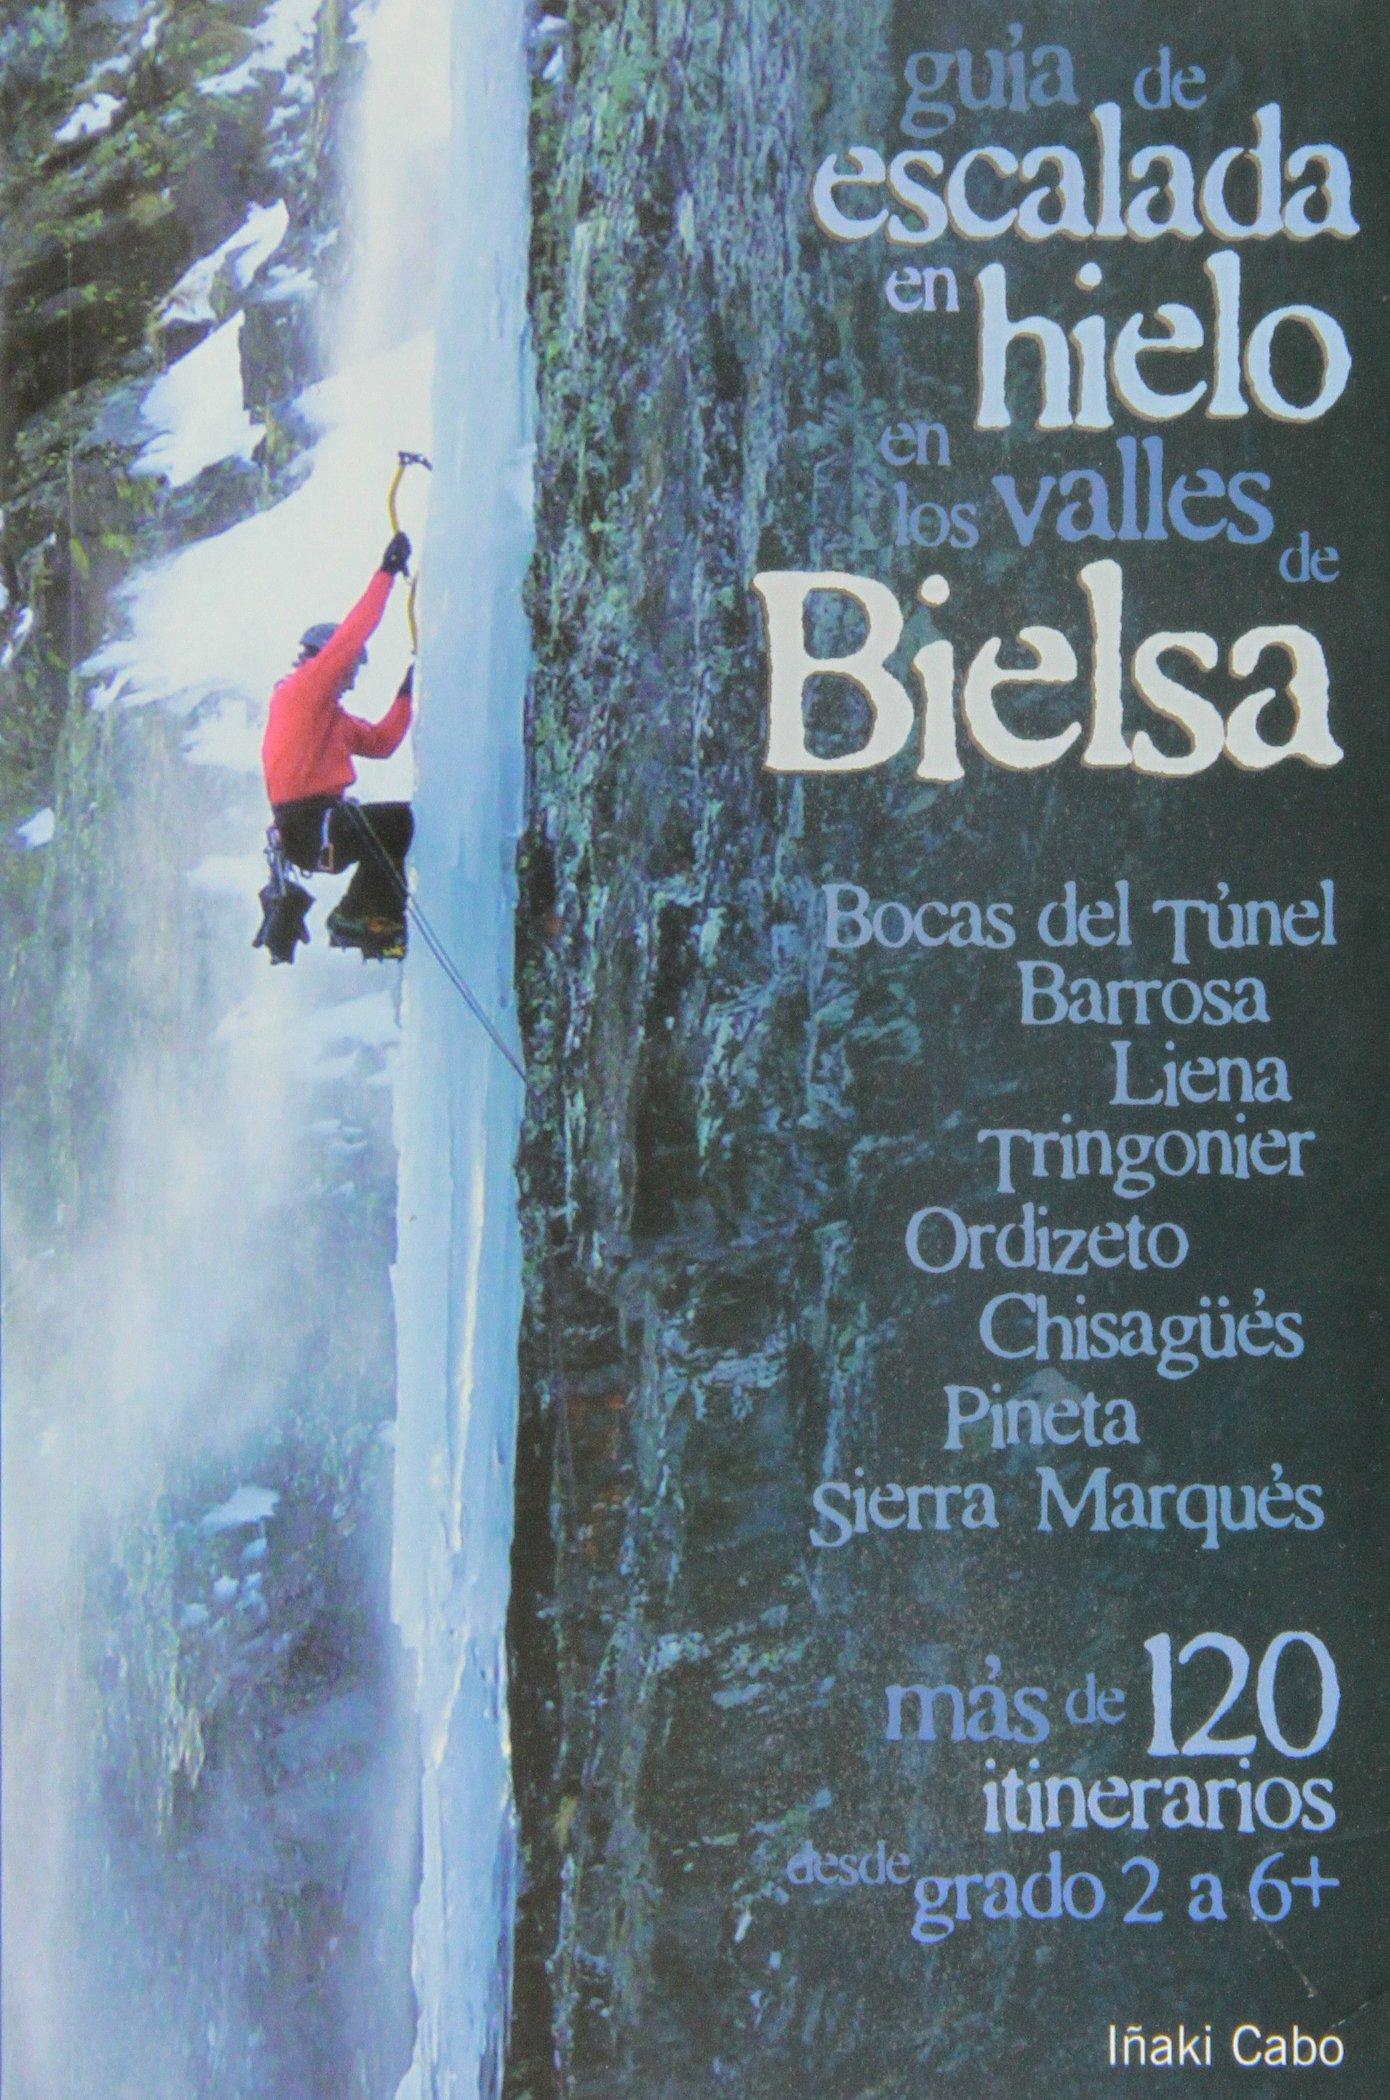 Guia de escalada en hielo en los Valles de bielsa: Amazon.es ...